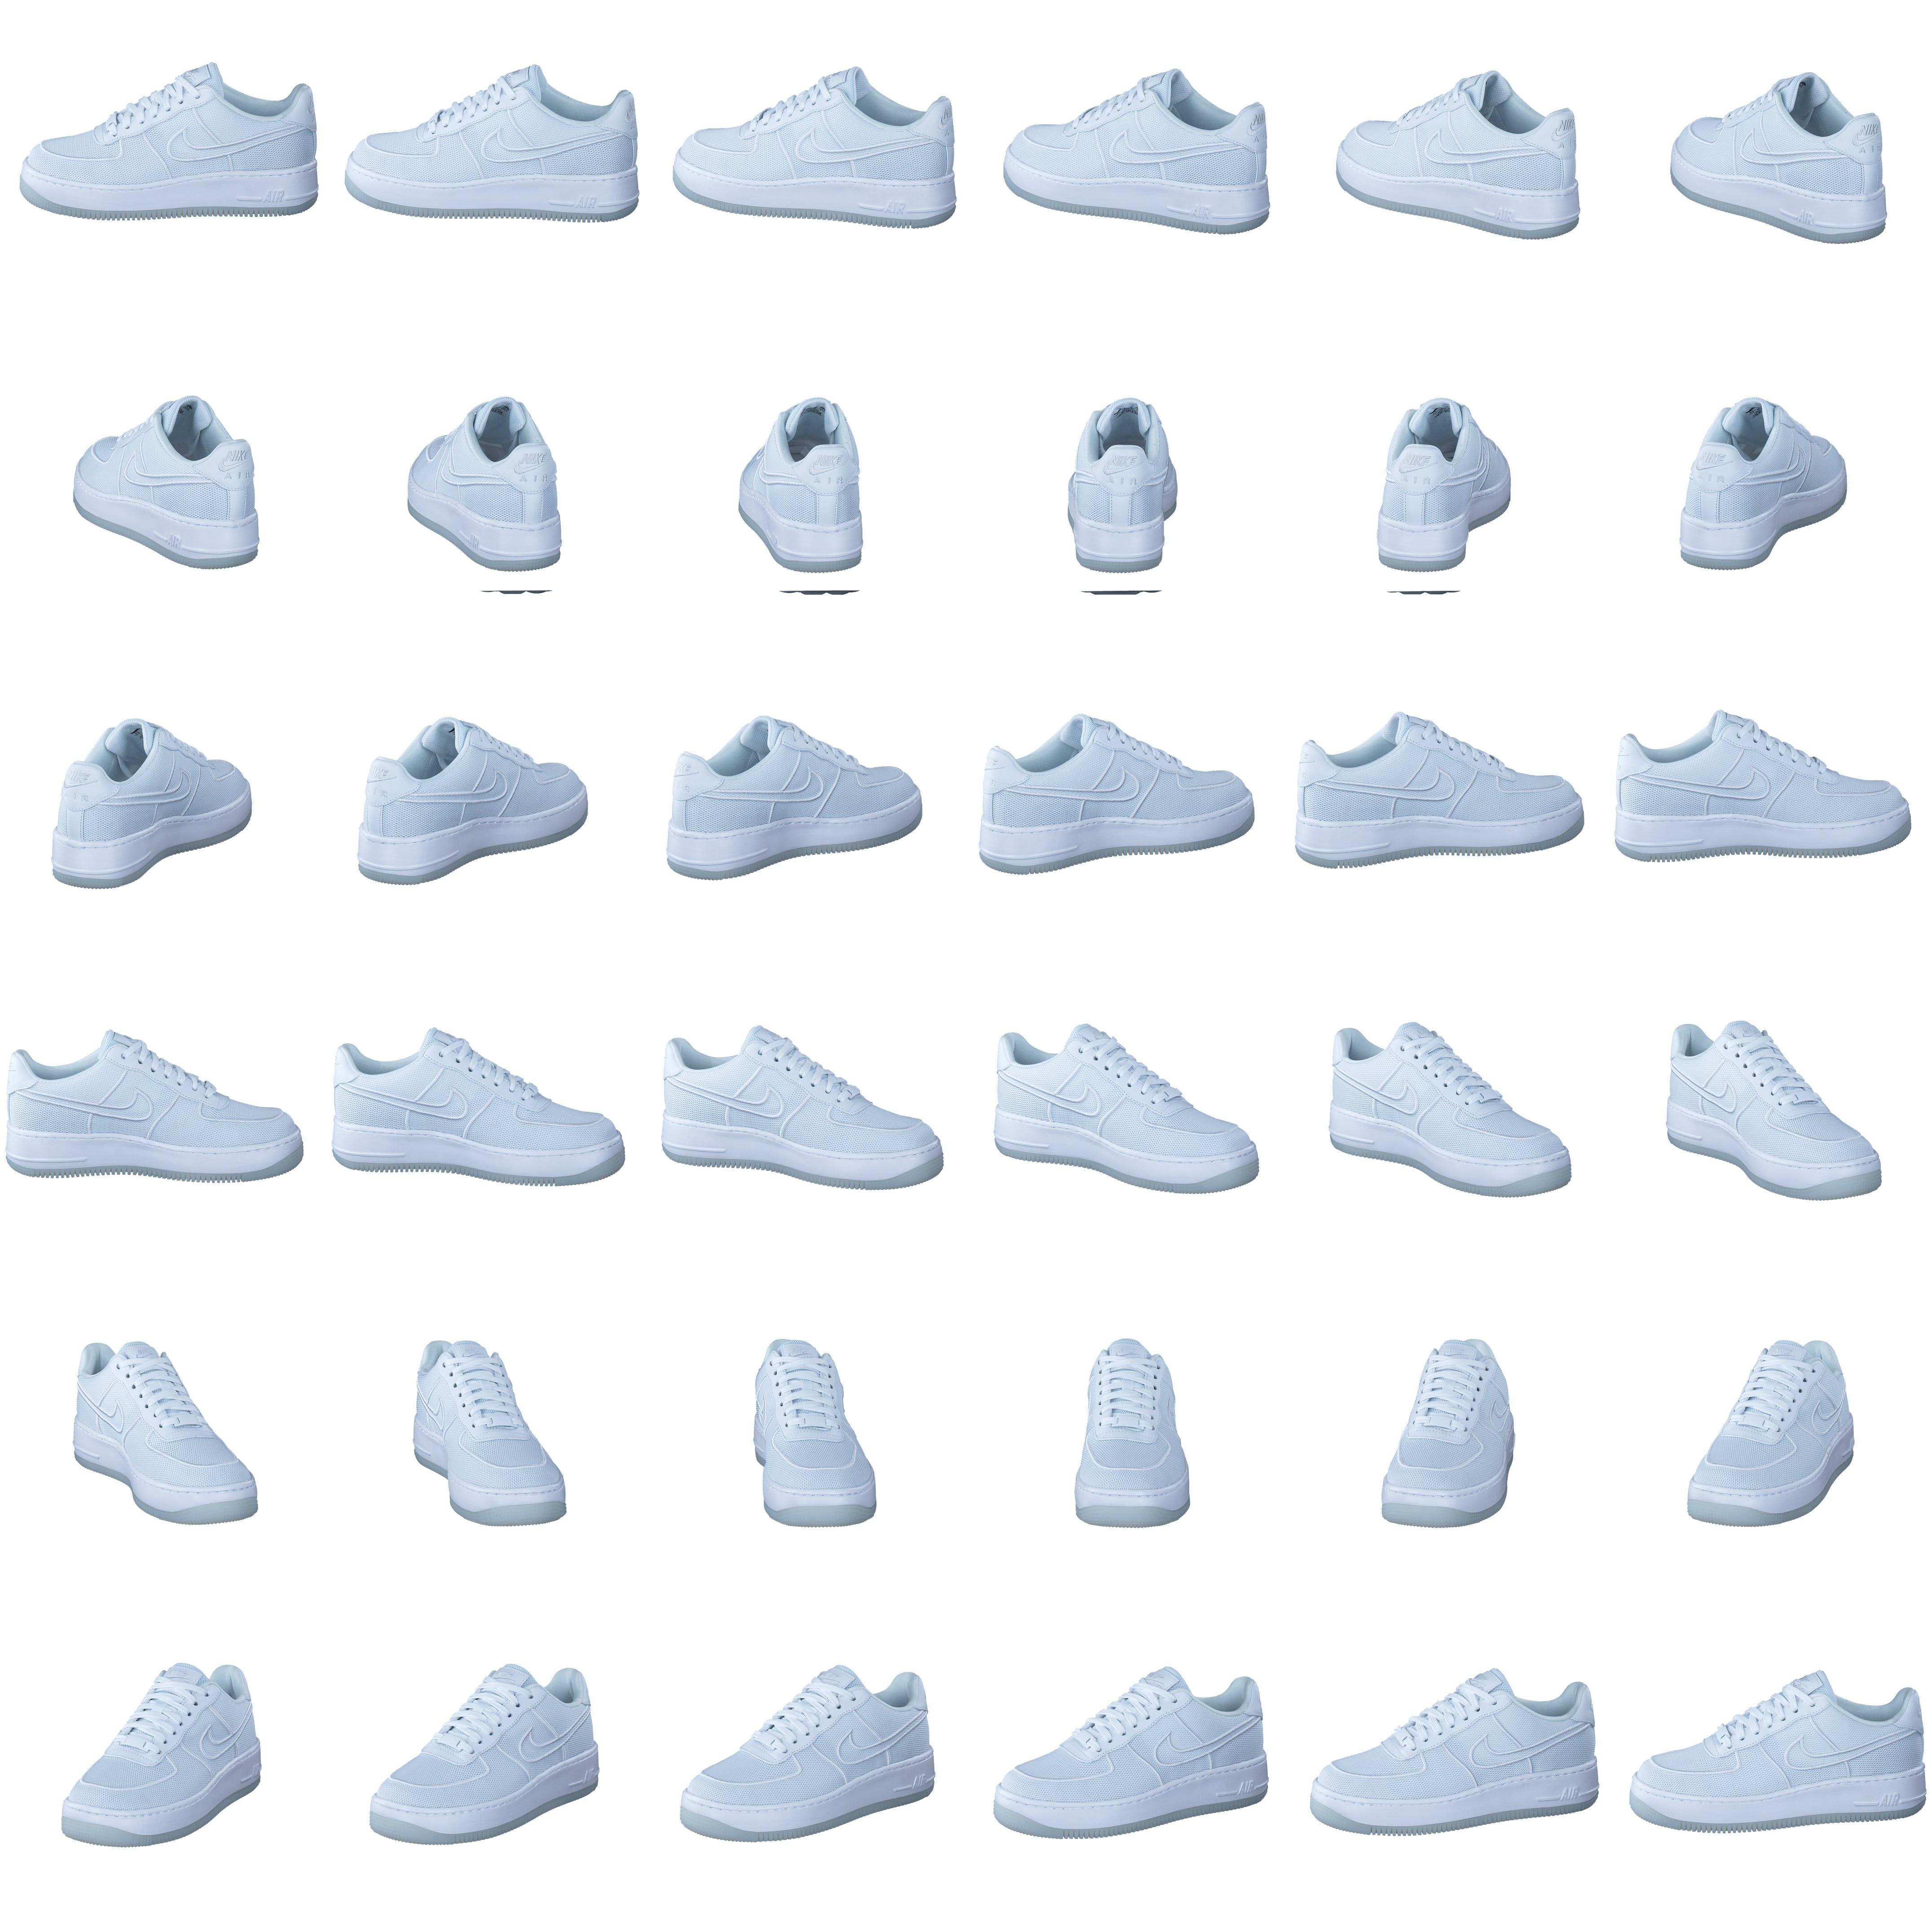 factory price 456ae 3b226 Köp Nike Air Force 1 Low-top Upstep Br White white-glacier Blue vita Skor  Online   FOOTWAY.se